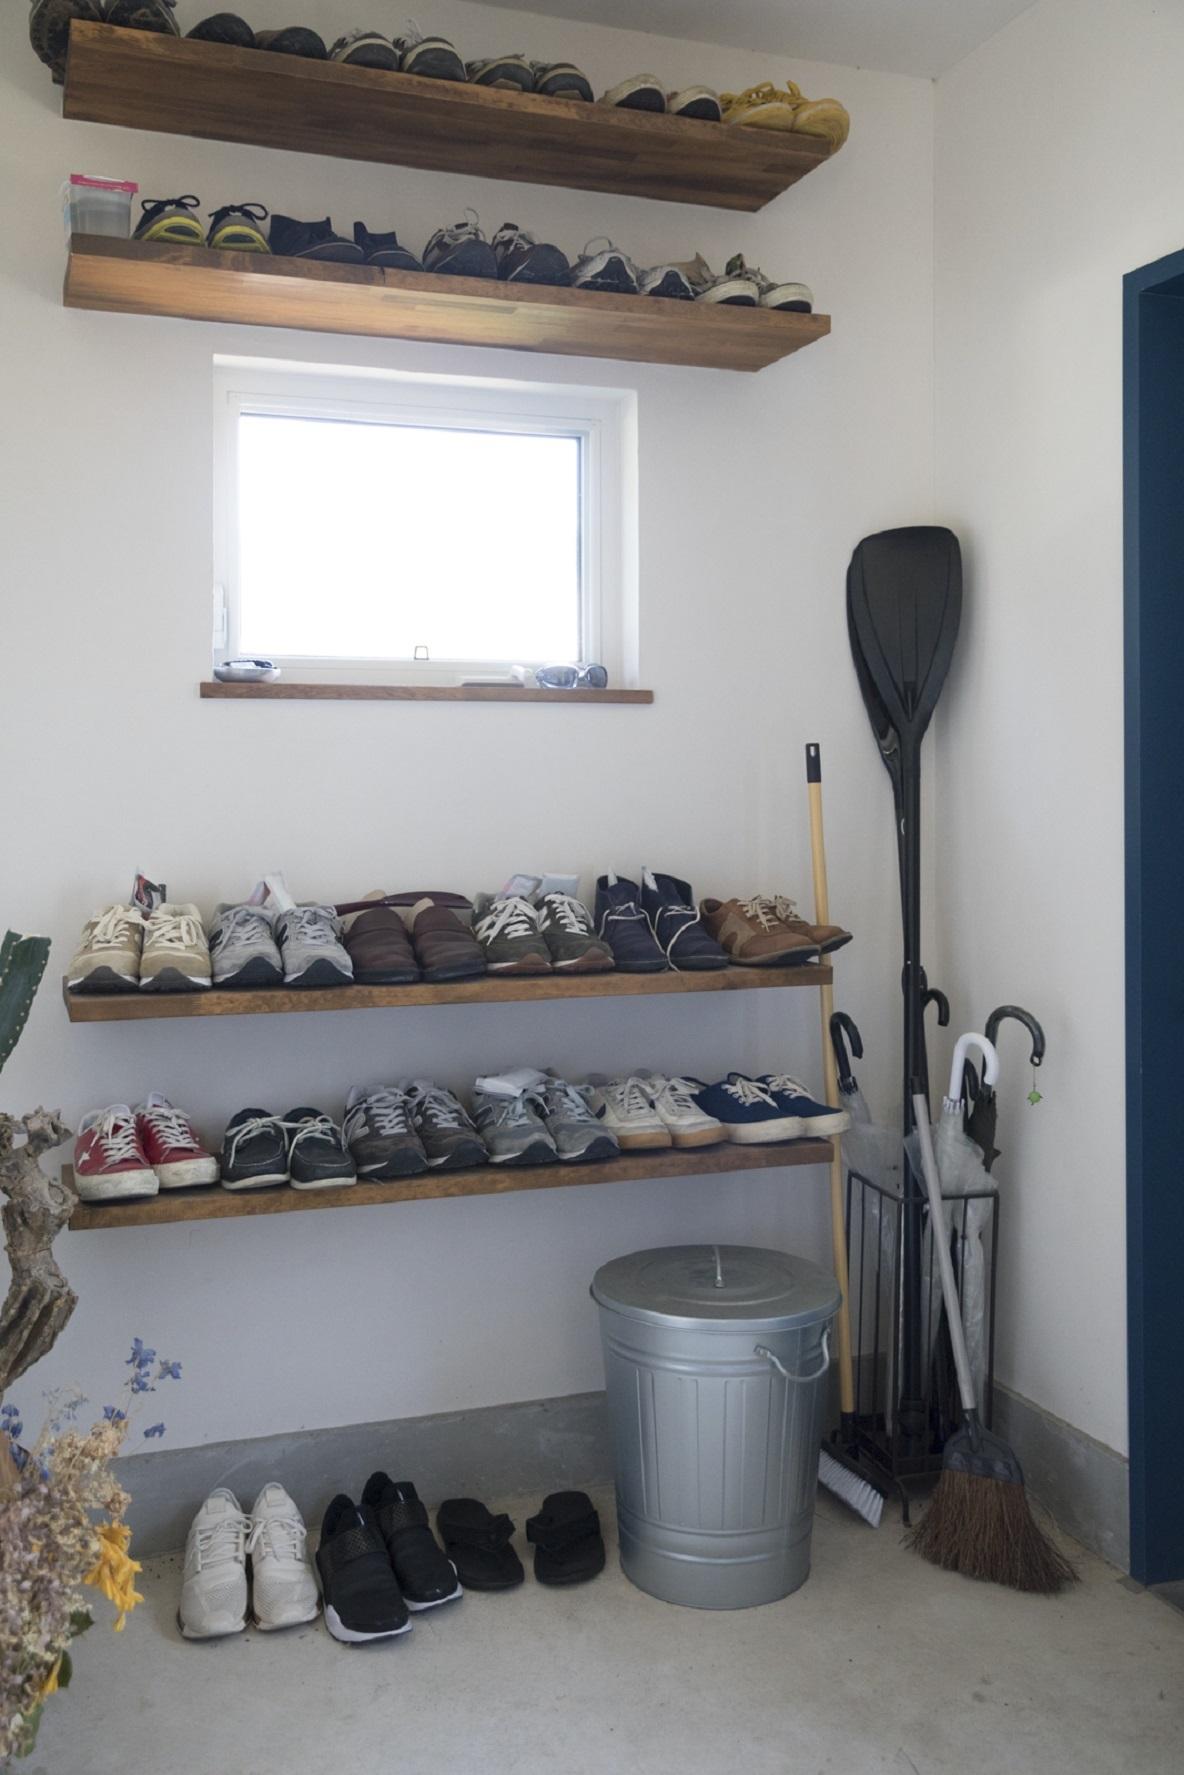 オープン収納で靴を置く玄関土間